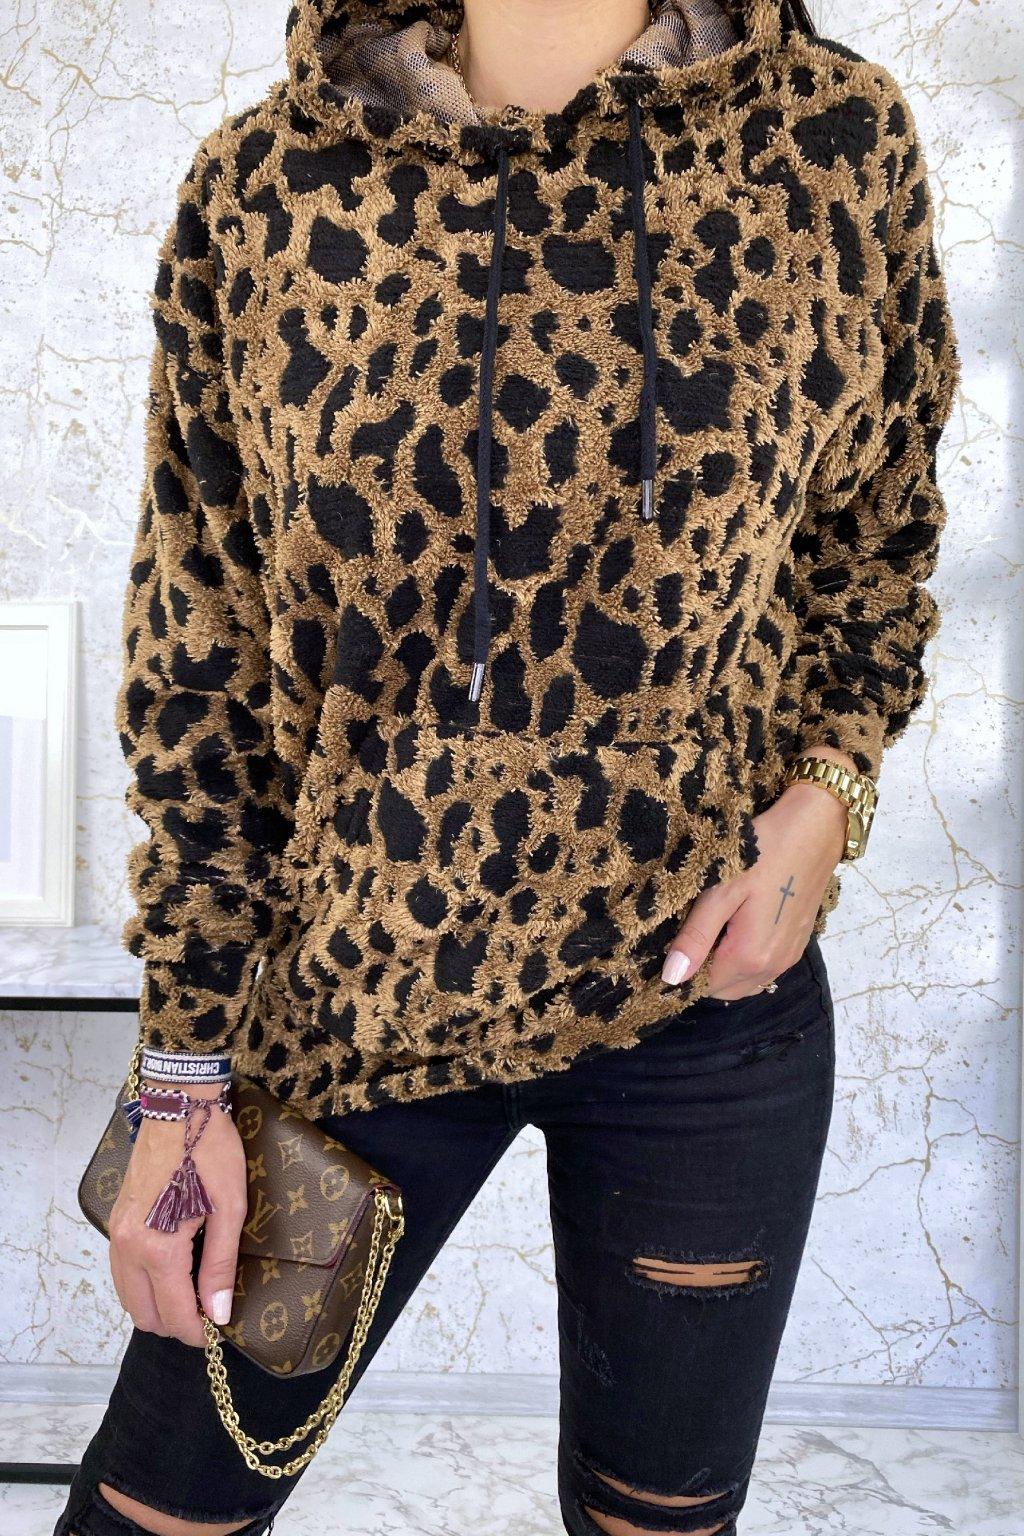 Plyšová mikina s leopard vzorem